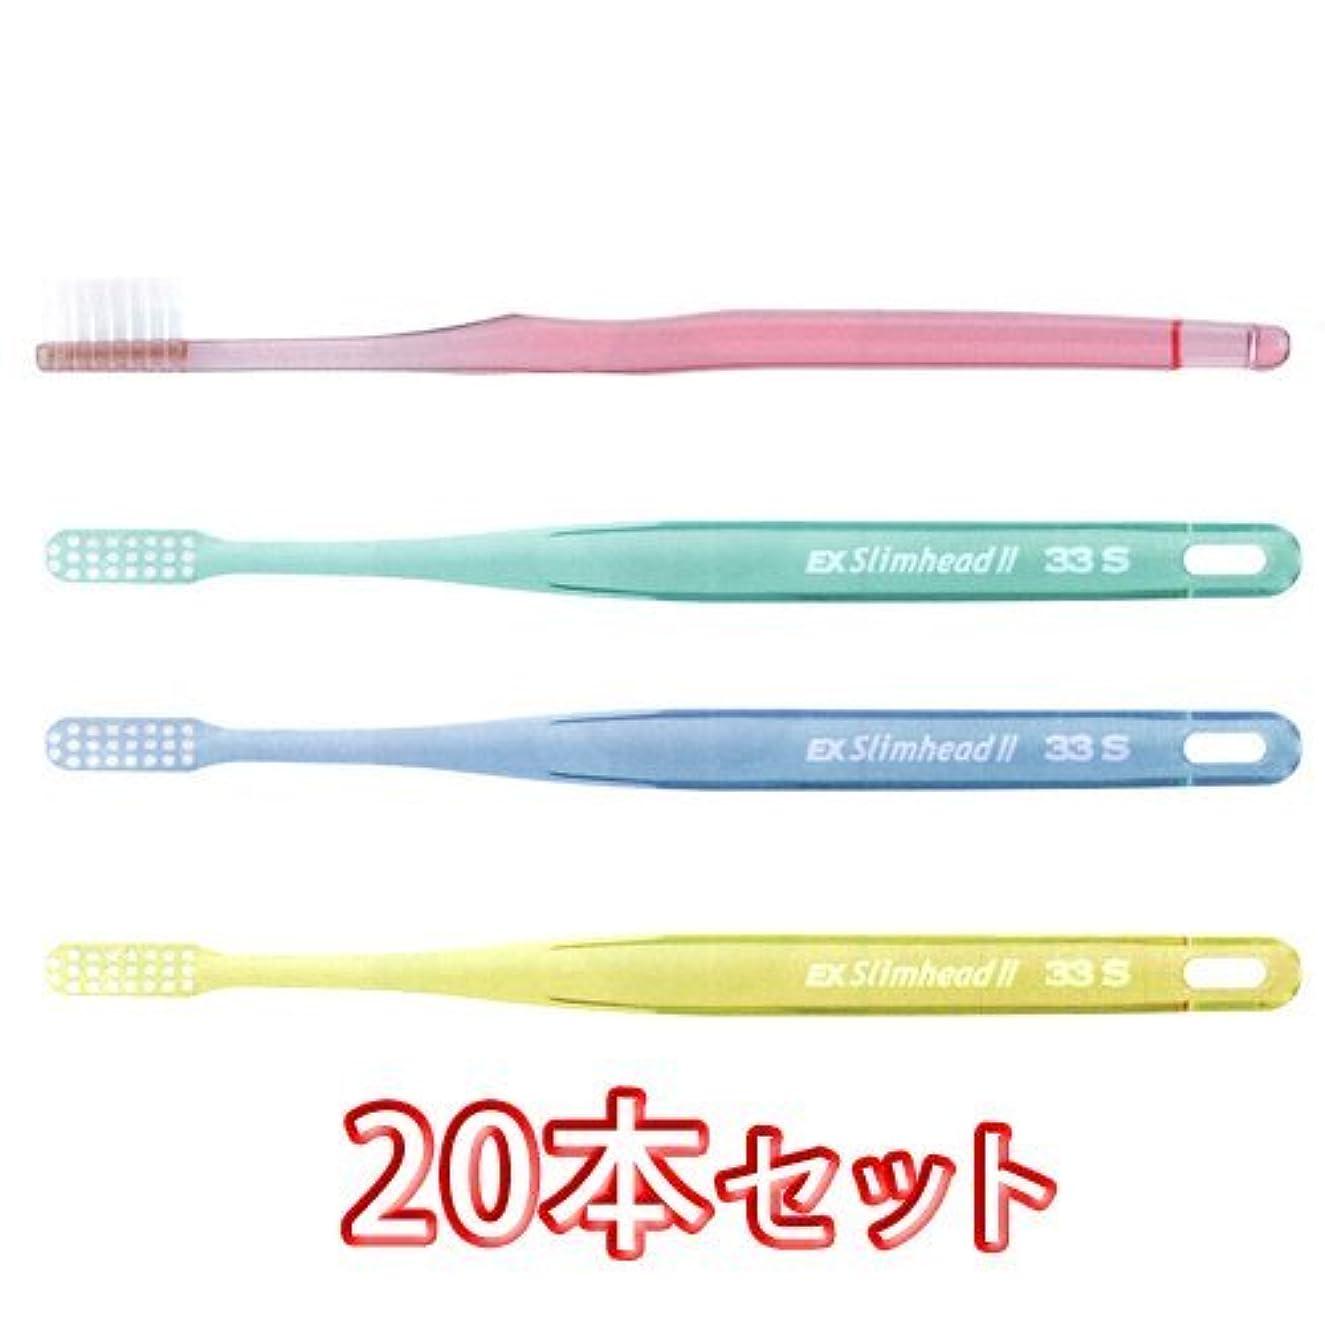 比較枯渇する適切なライオン スリムヘッド2 歯ブラシ DENT . EX Slimhead2 20本入 (33S)